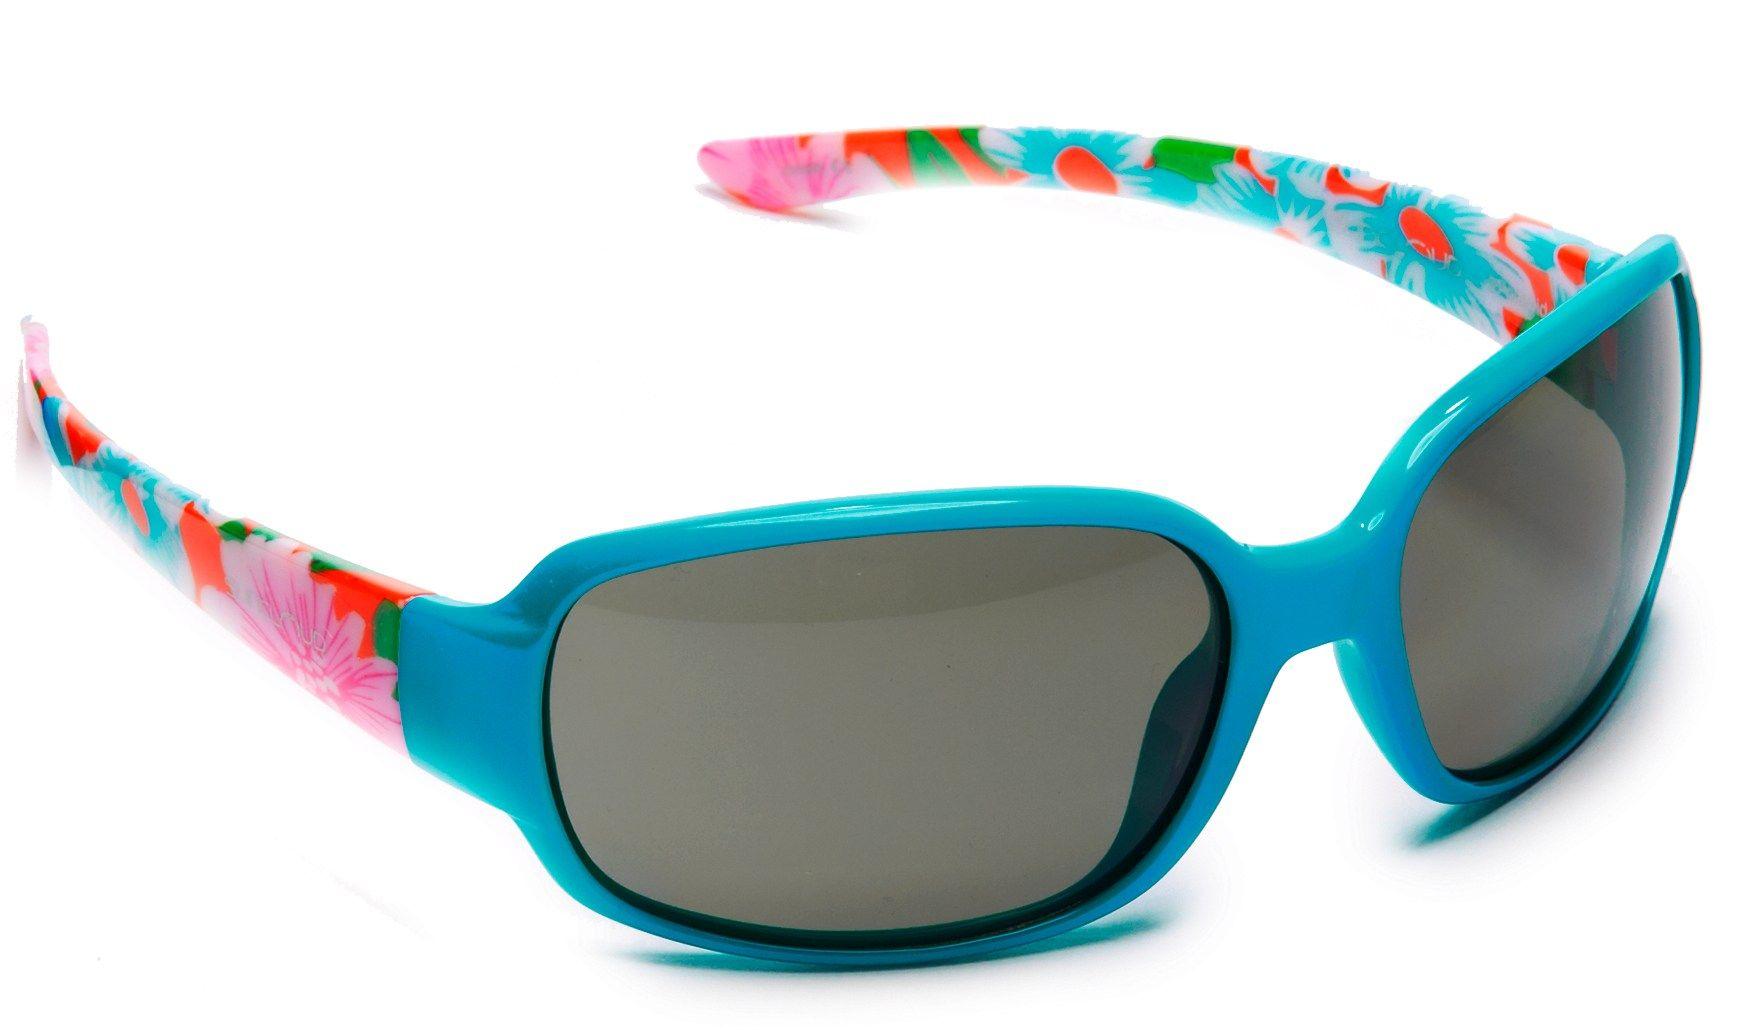 d5304e264633 Picnic Polarized Sunglasses - Girls'   *Apparel & Accessories ...